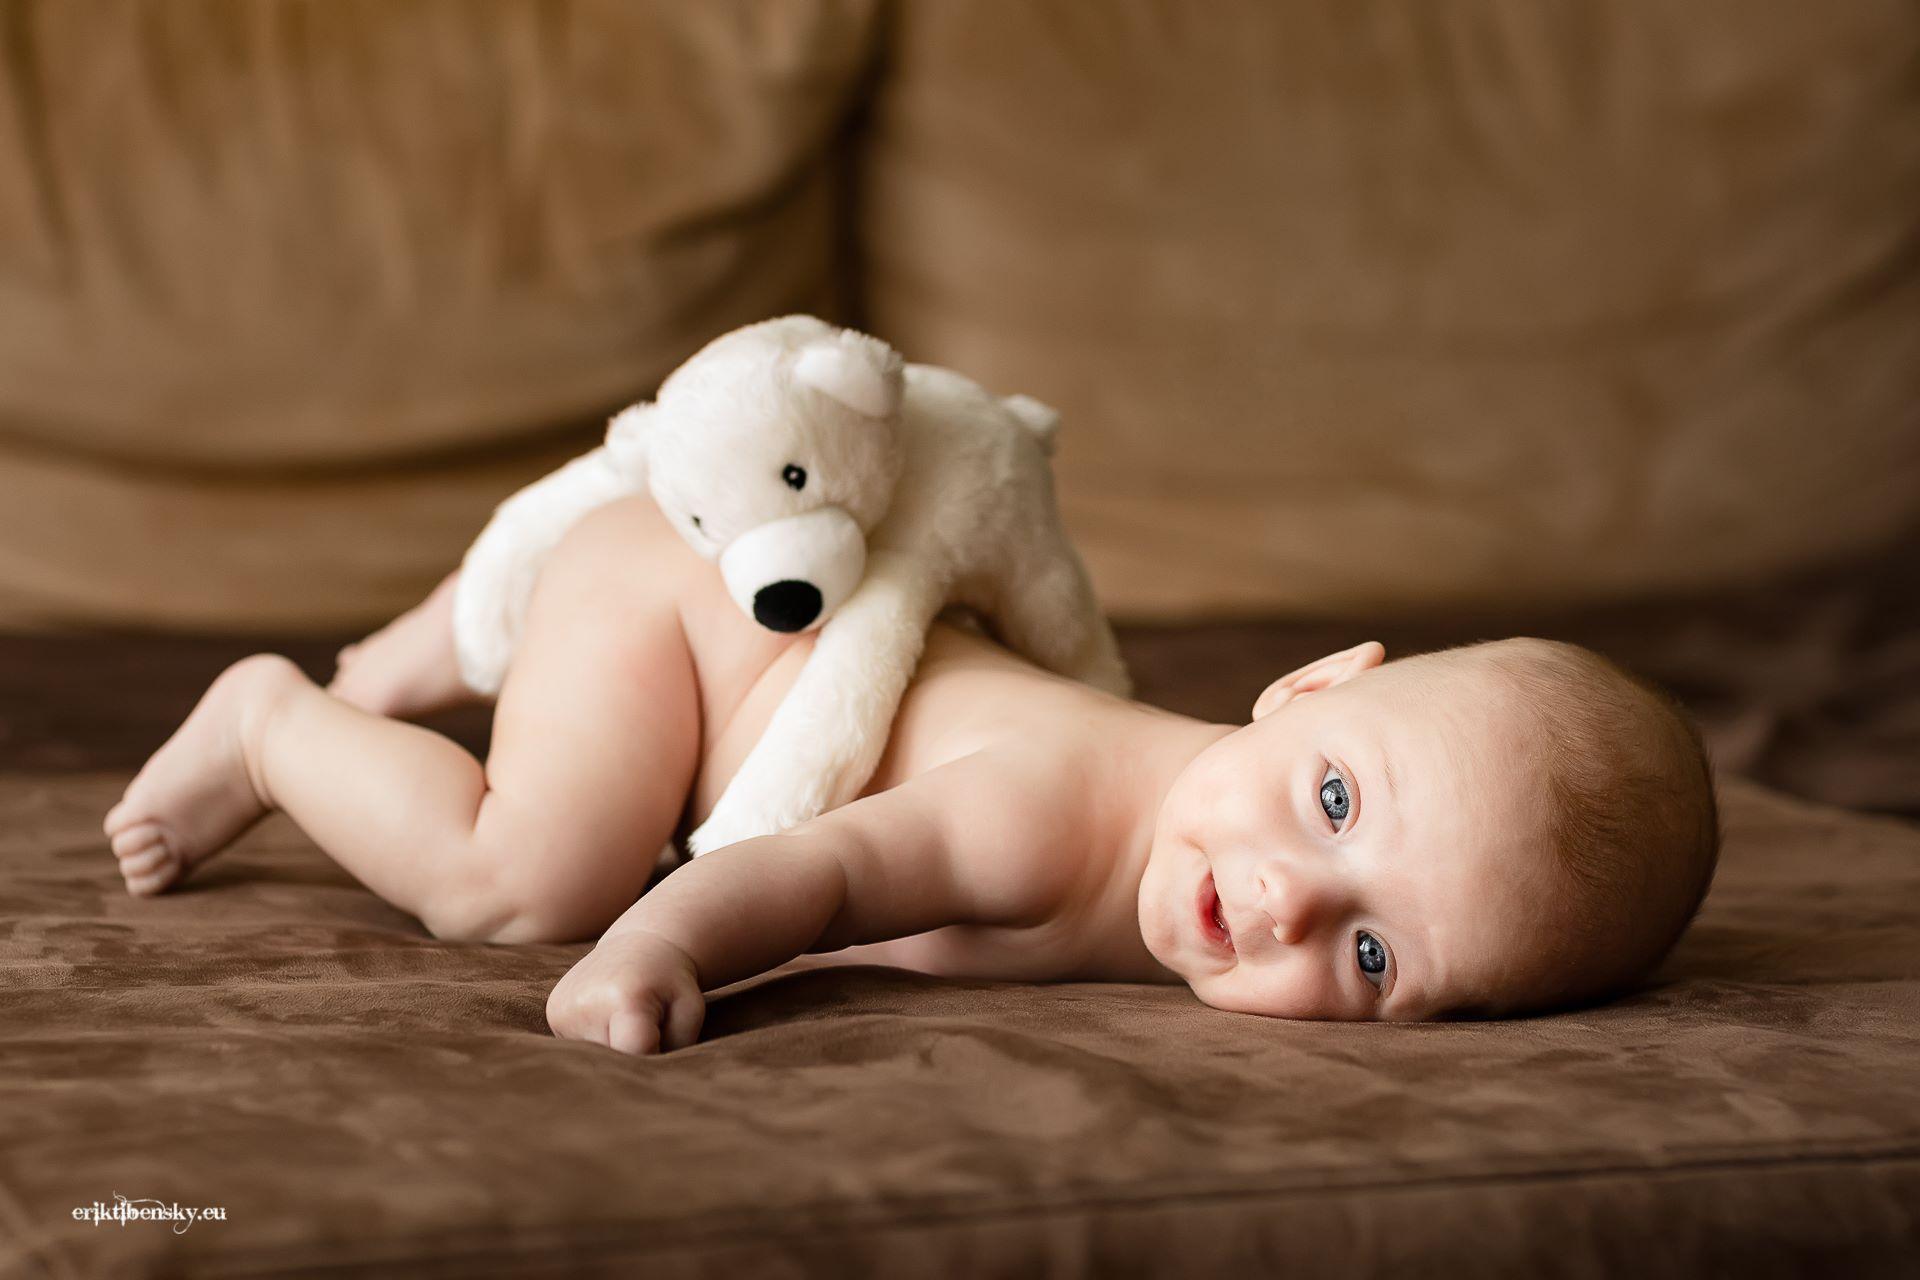 eriktibensky.eu-fotograf-children-pezinok-deti-tomasko-1005